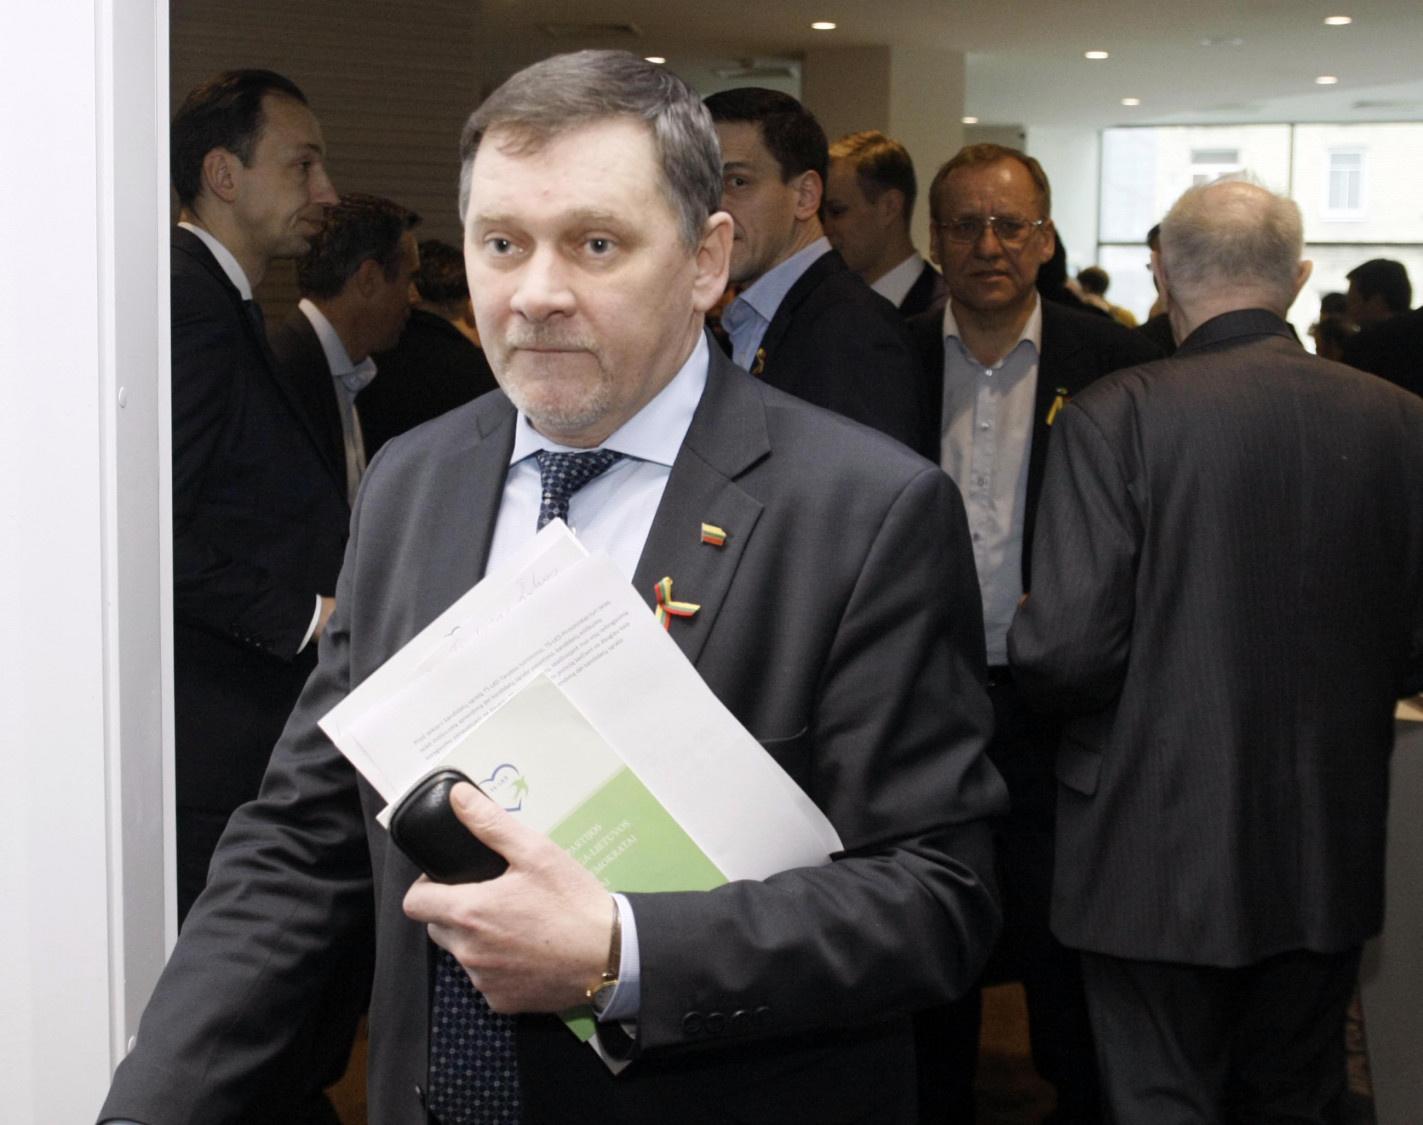 Šeštadienį Lietuvos krikščionys demokratai rinks pirmininką